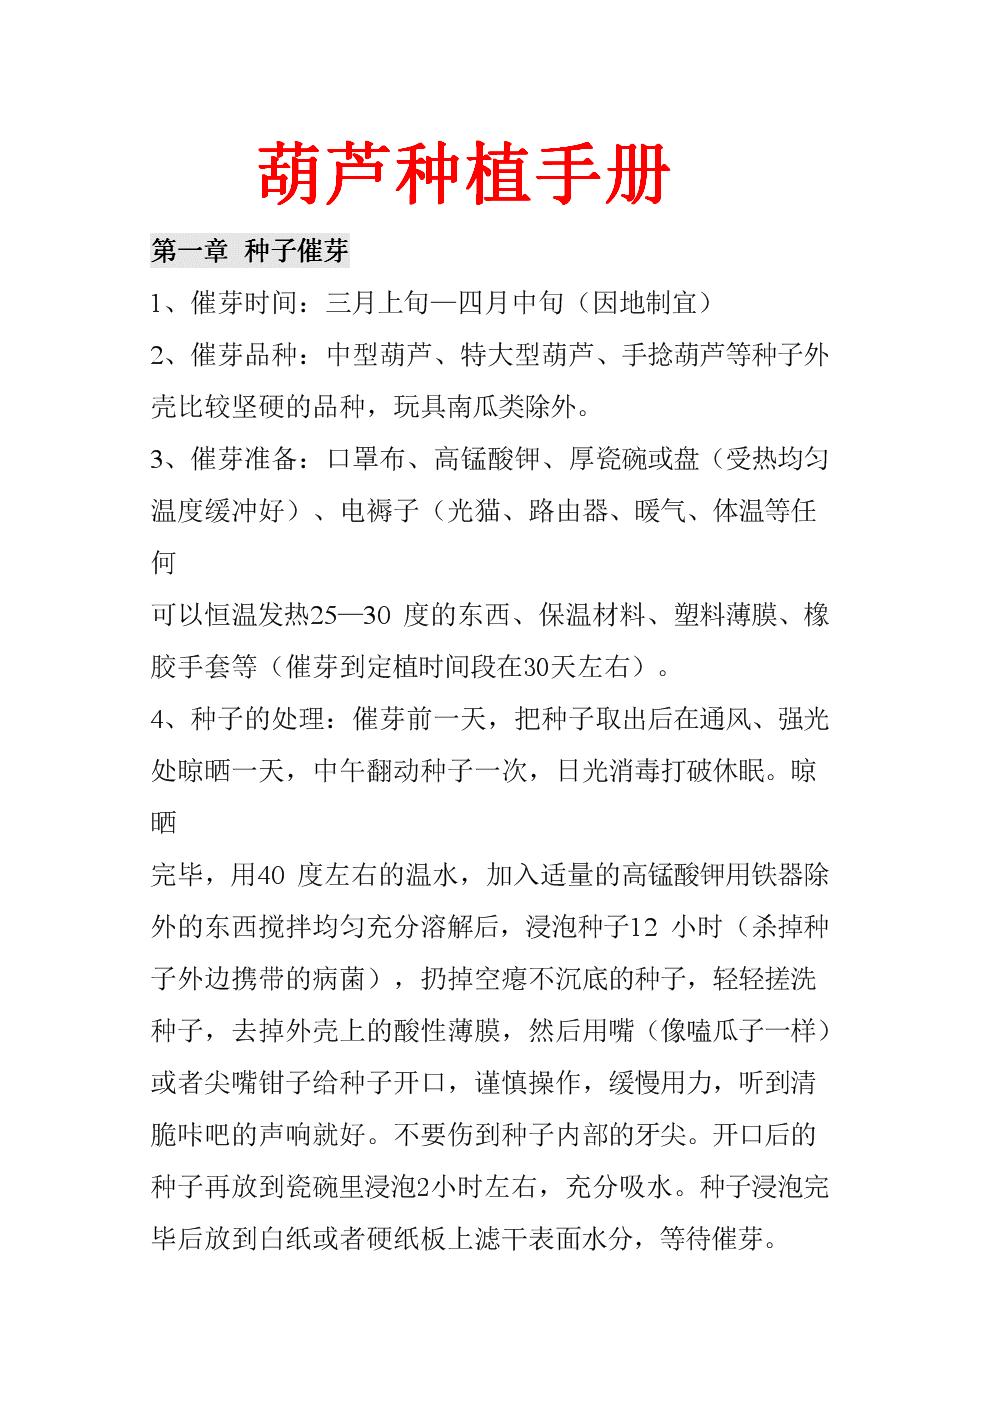 葫芦种植手册.doc